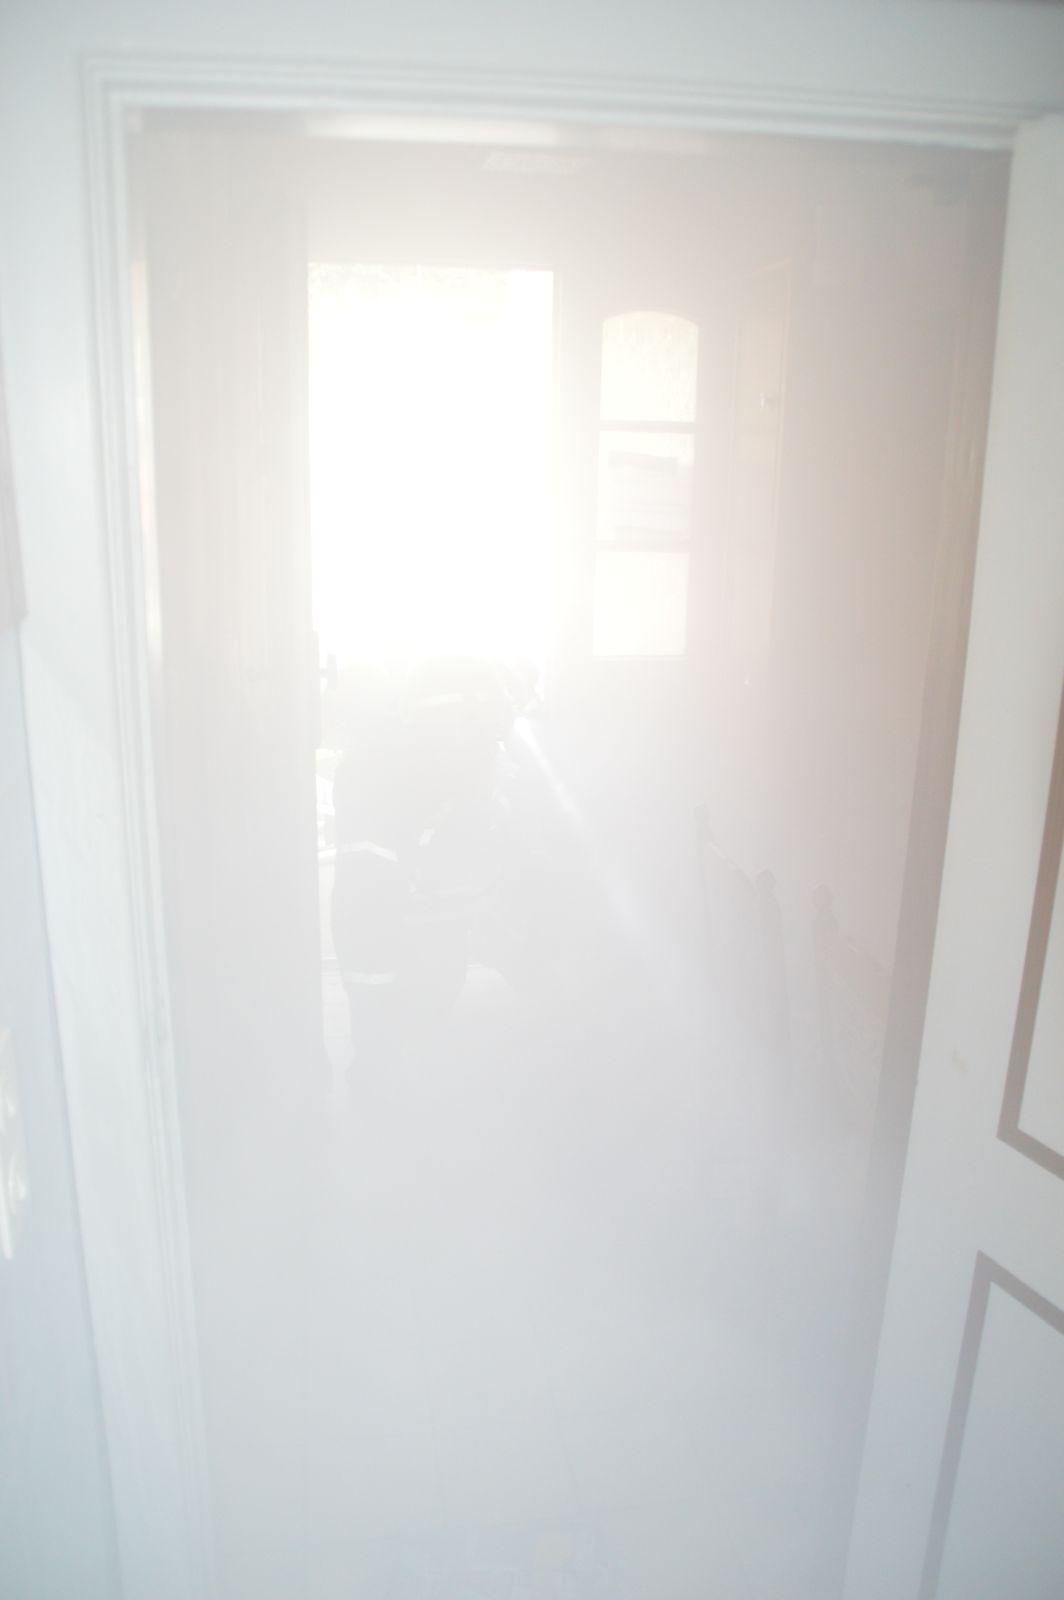 Atemschutz120518inSL035